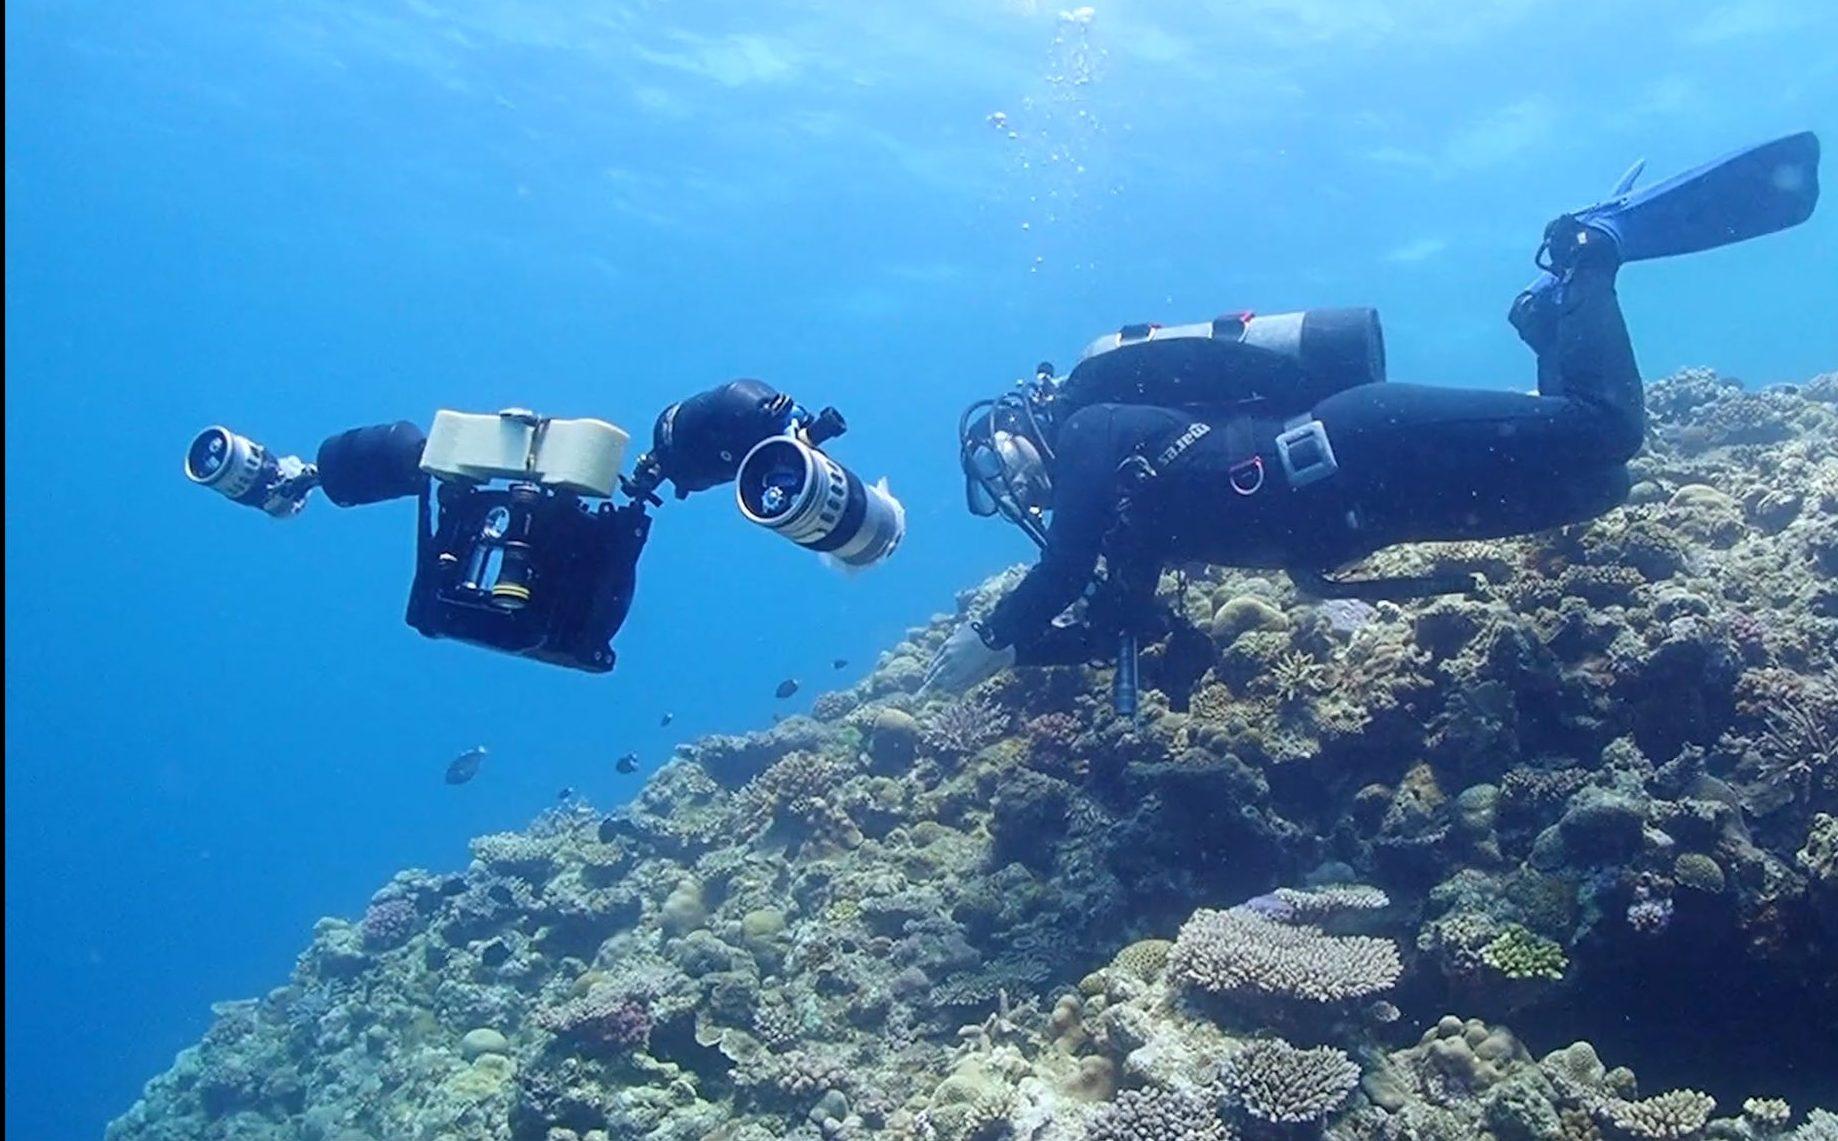 水中写真家・広部俊明さんの流されたカメラが発見された!?その真相に迫る!